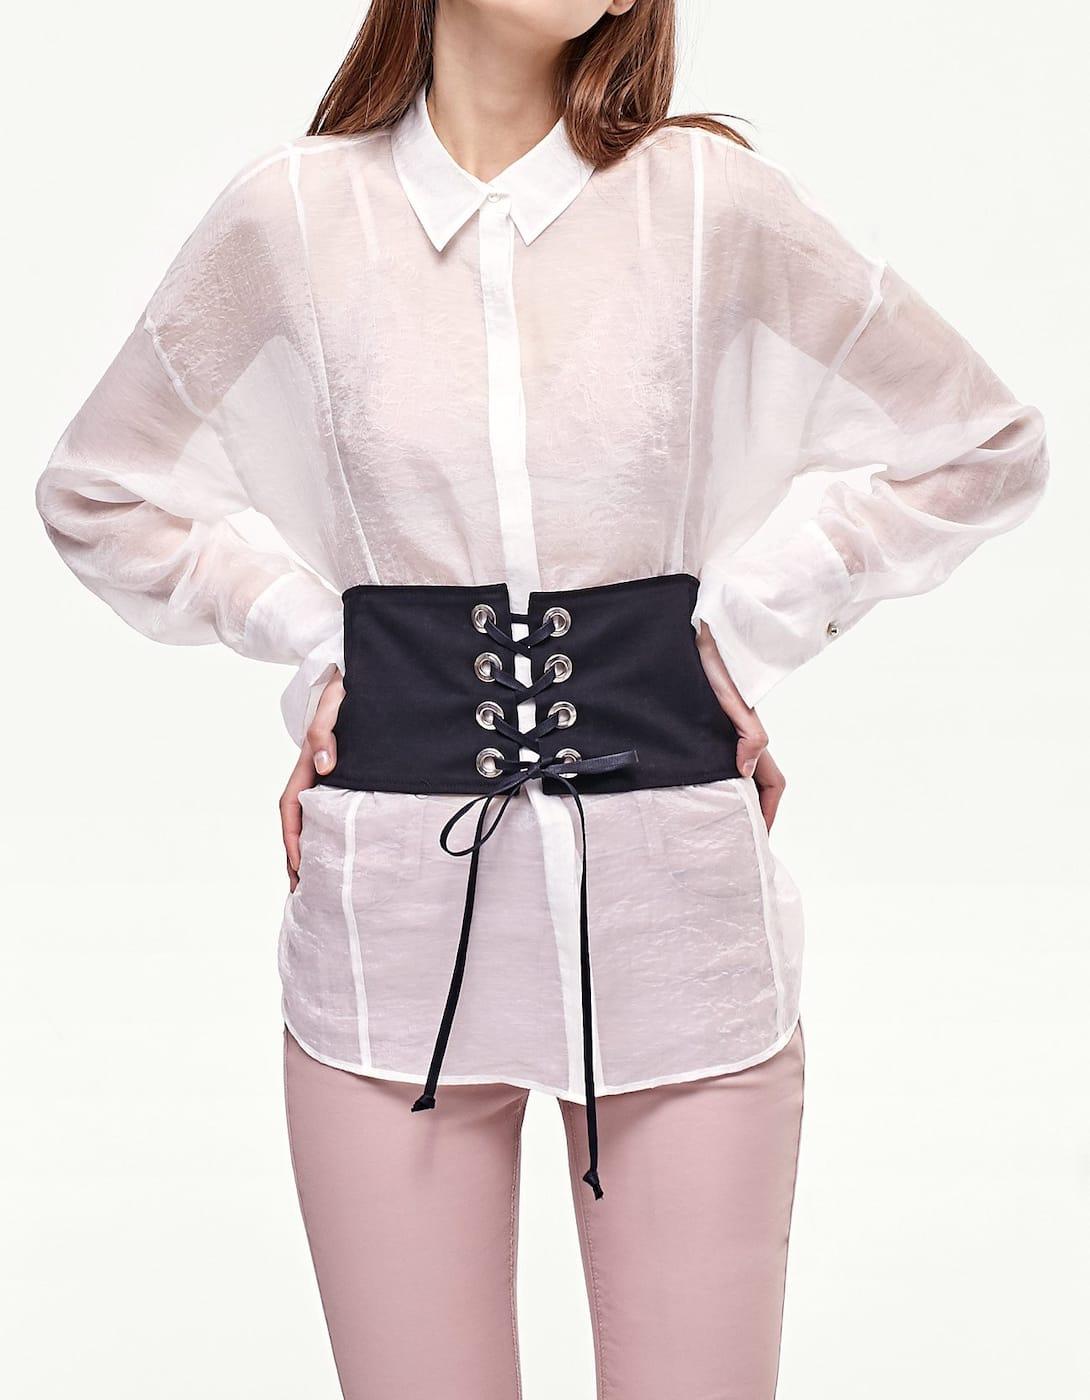 Resultado de imagem para cintos corset portugal